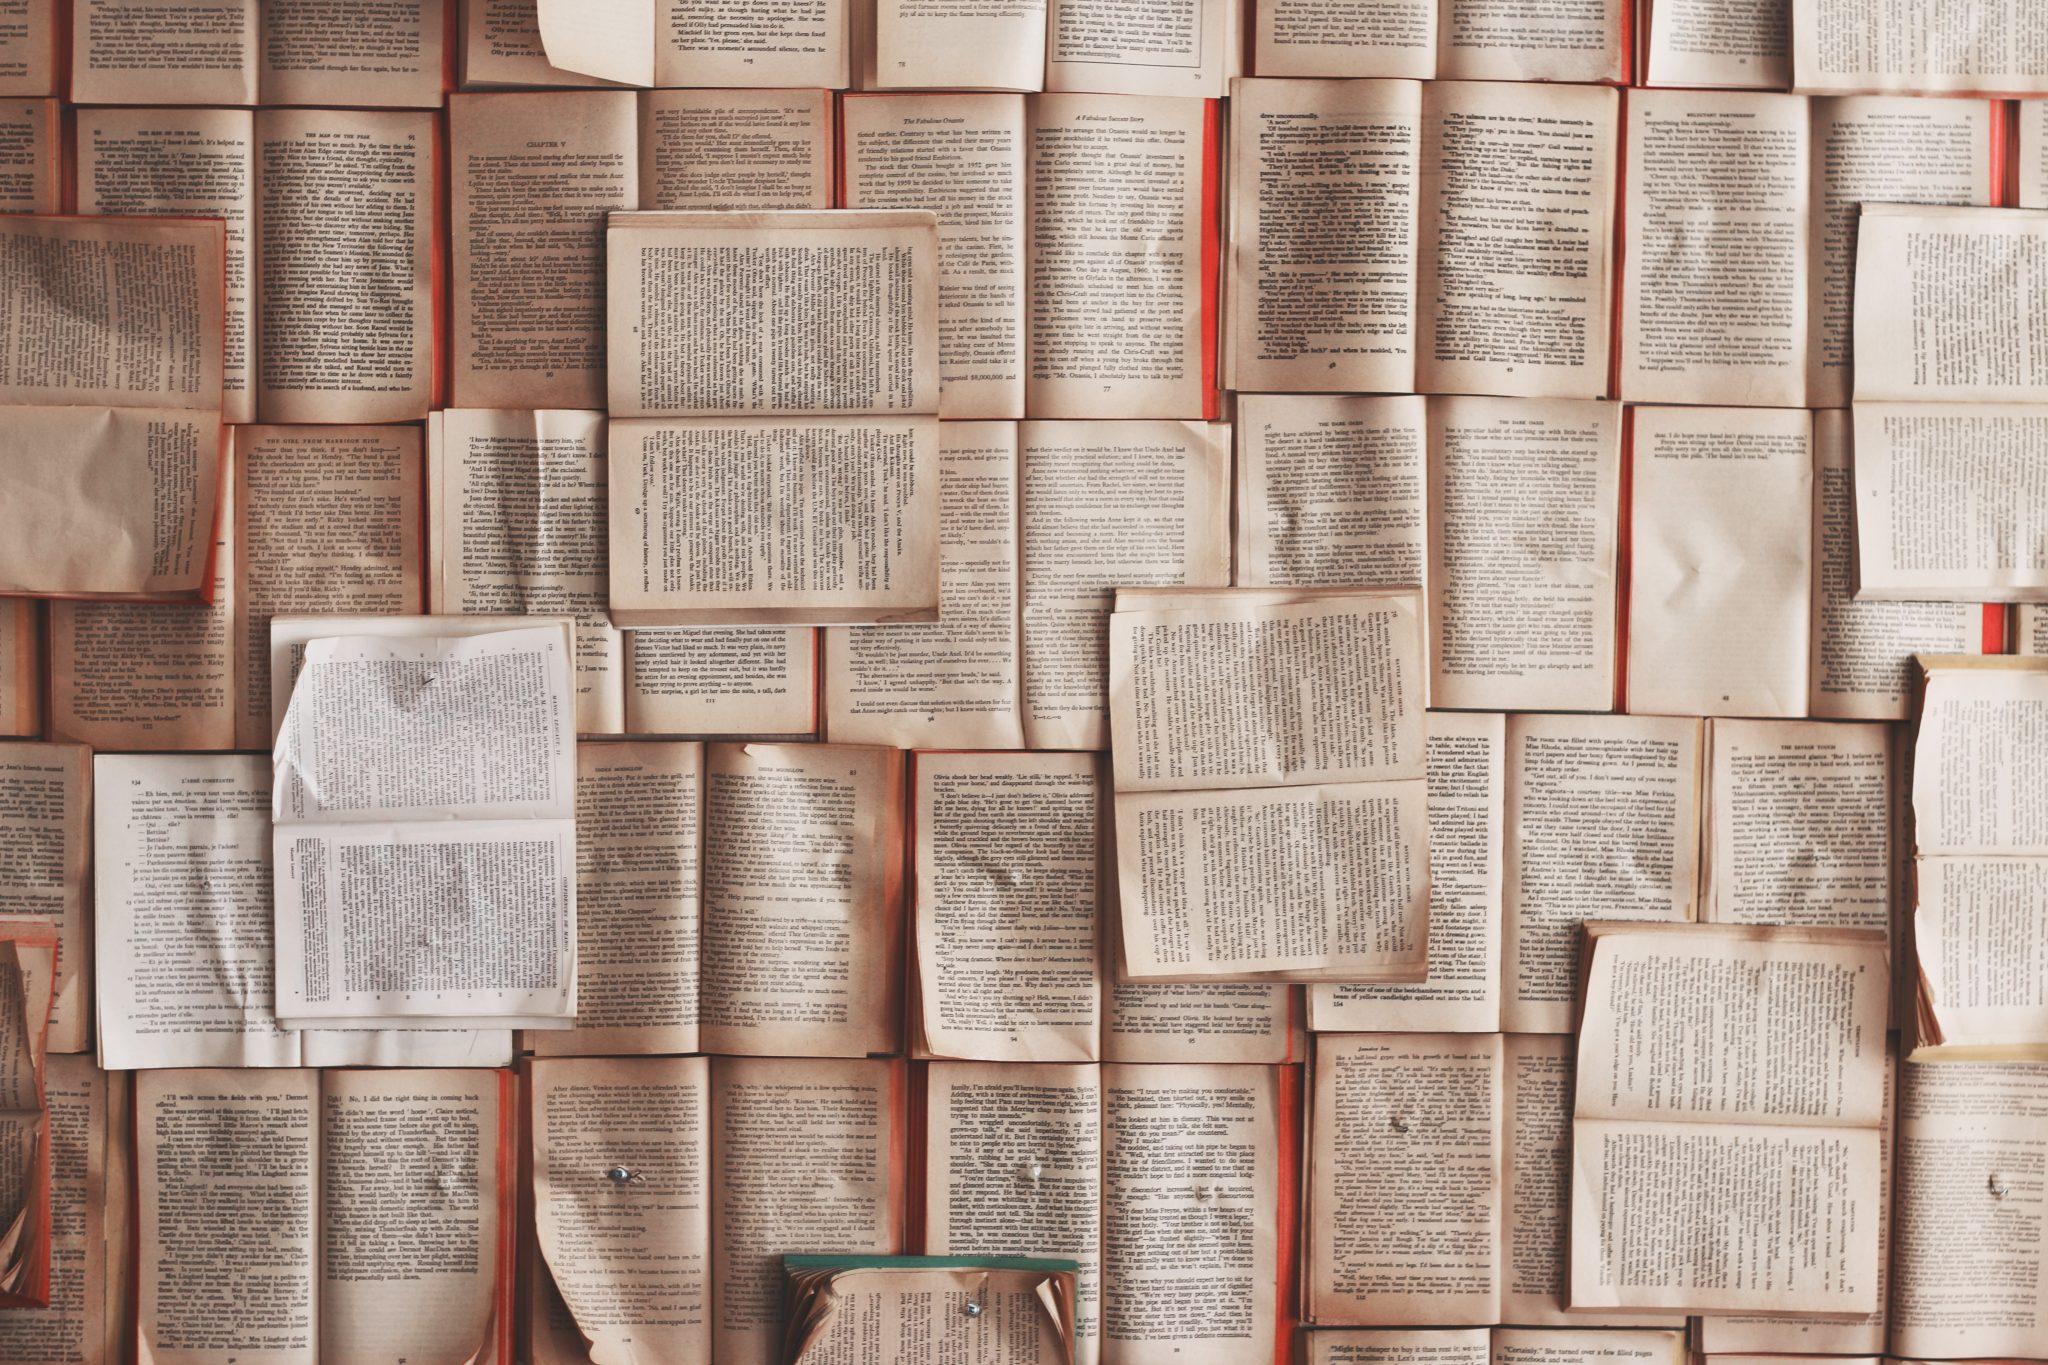 澳洲俚语 Aussie Slang Books